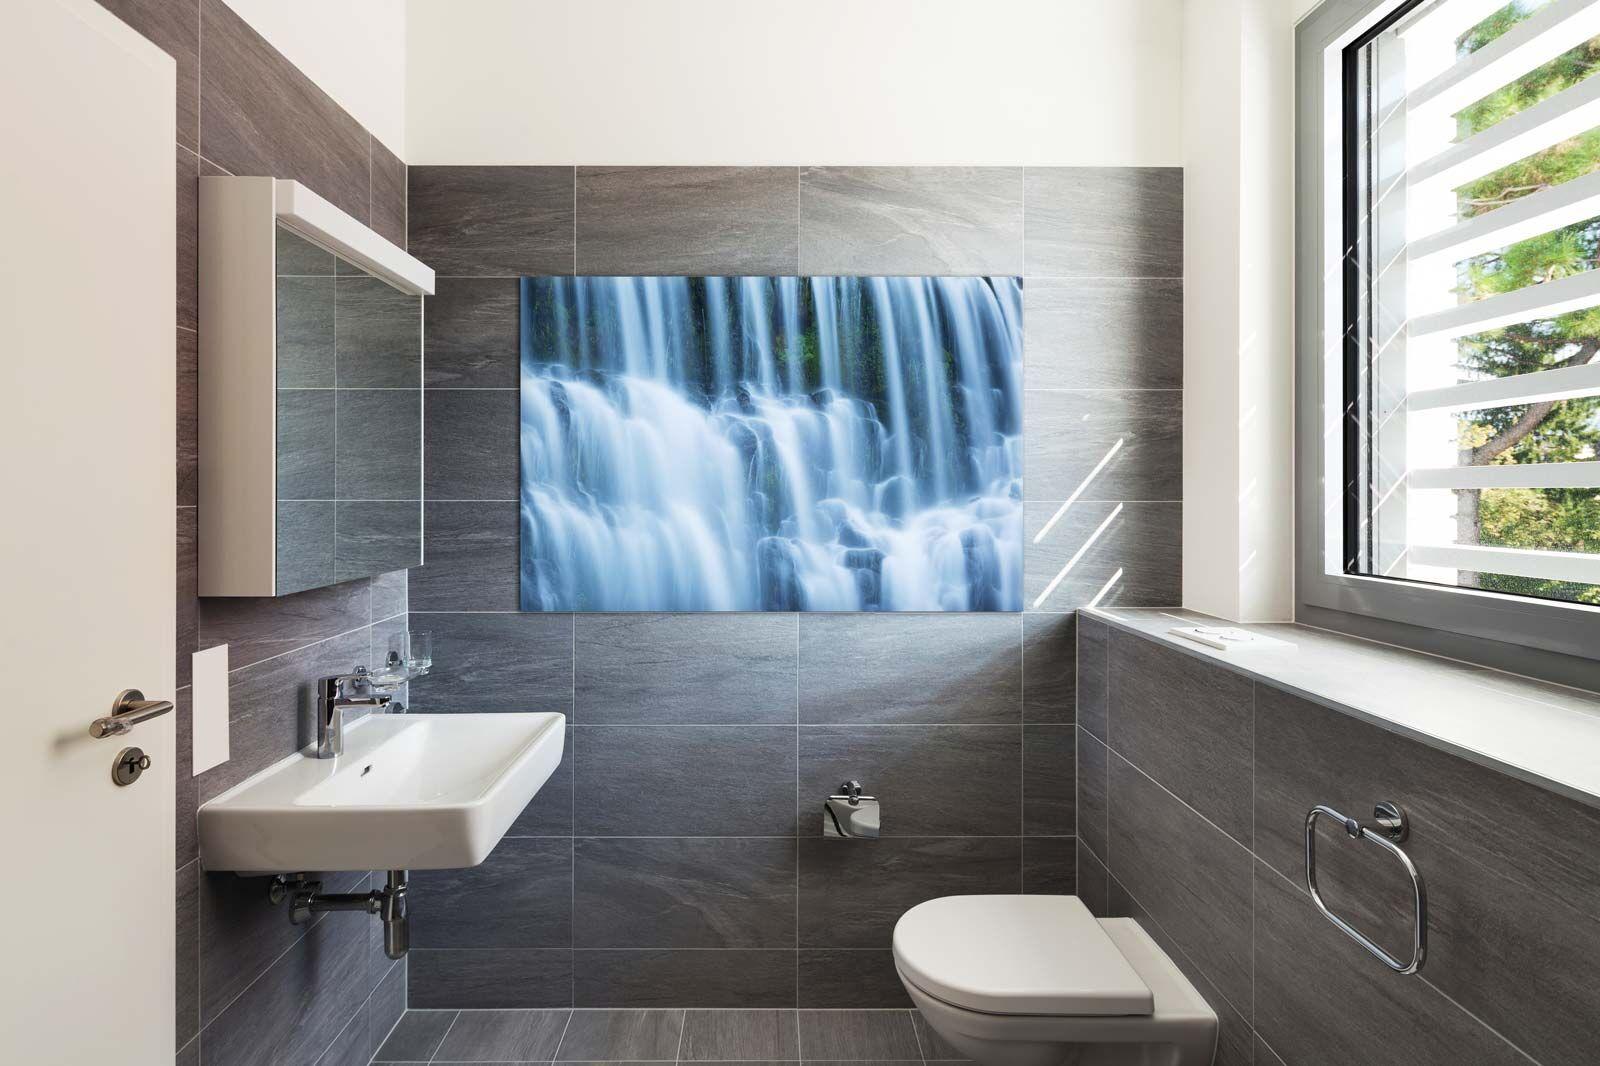 Abstract Bathroom Wall Art